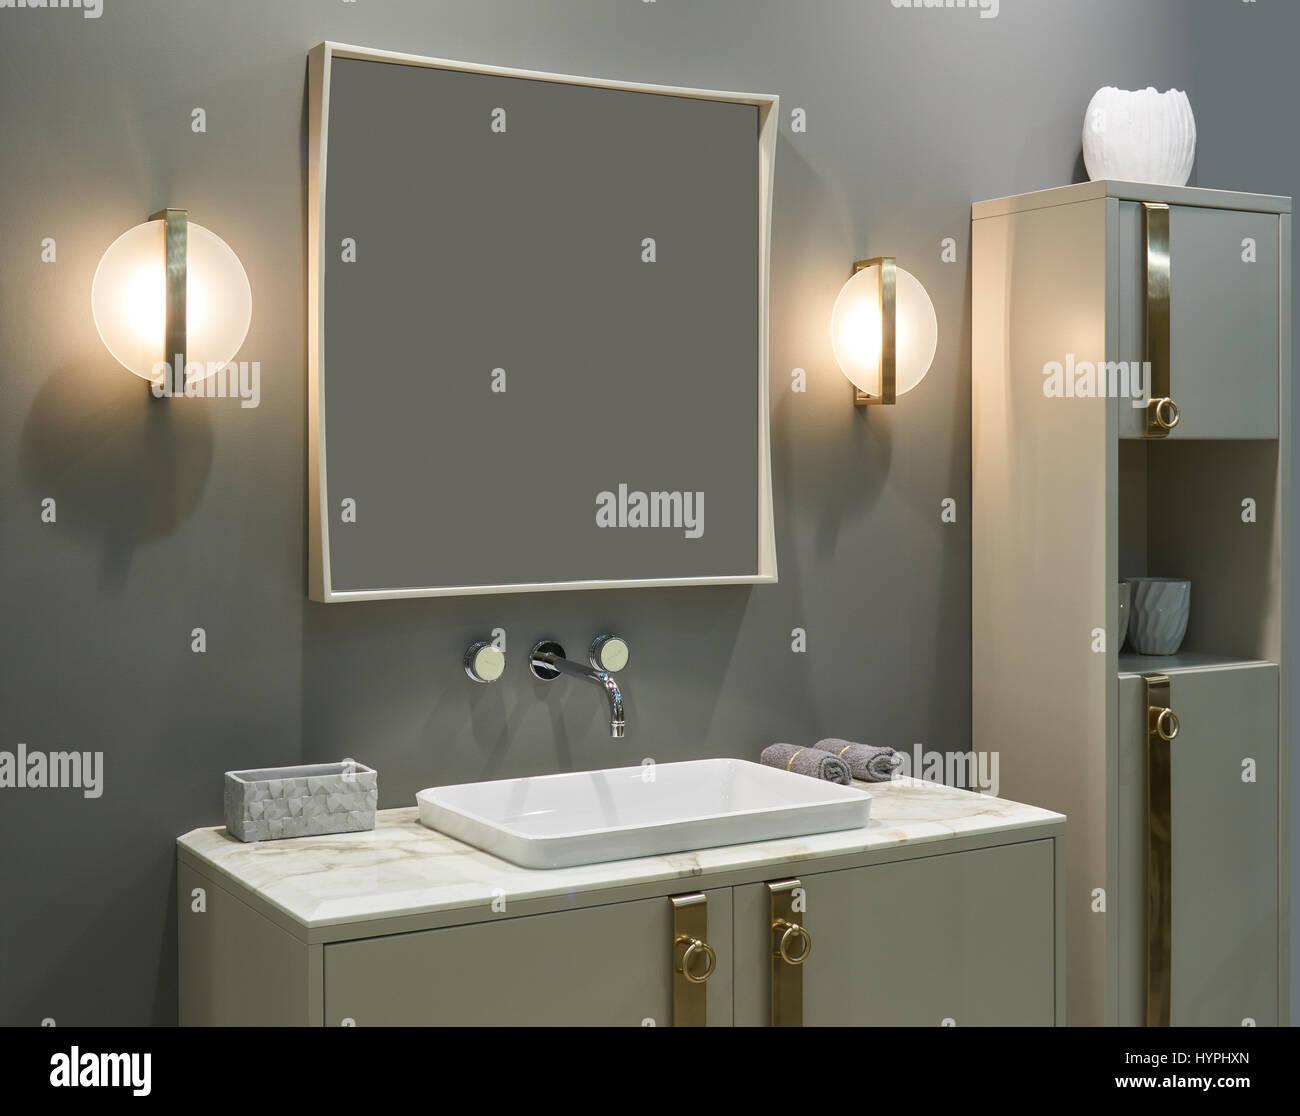 Luxuriöses Interieur Badezimmer: Wand montierten Mischer, Inset ...